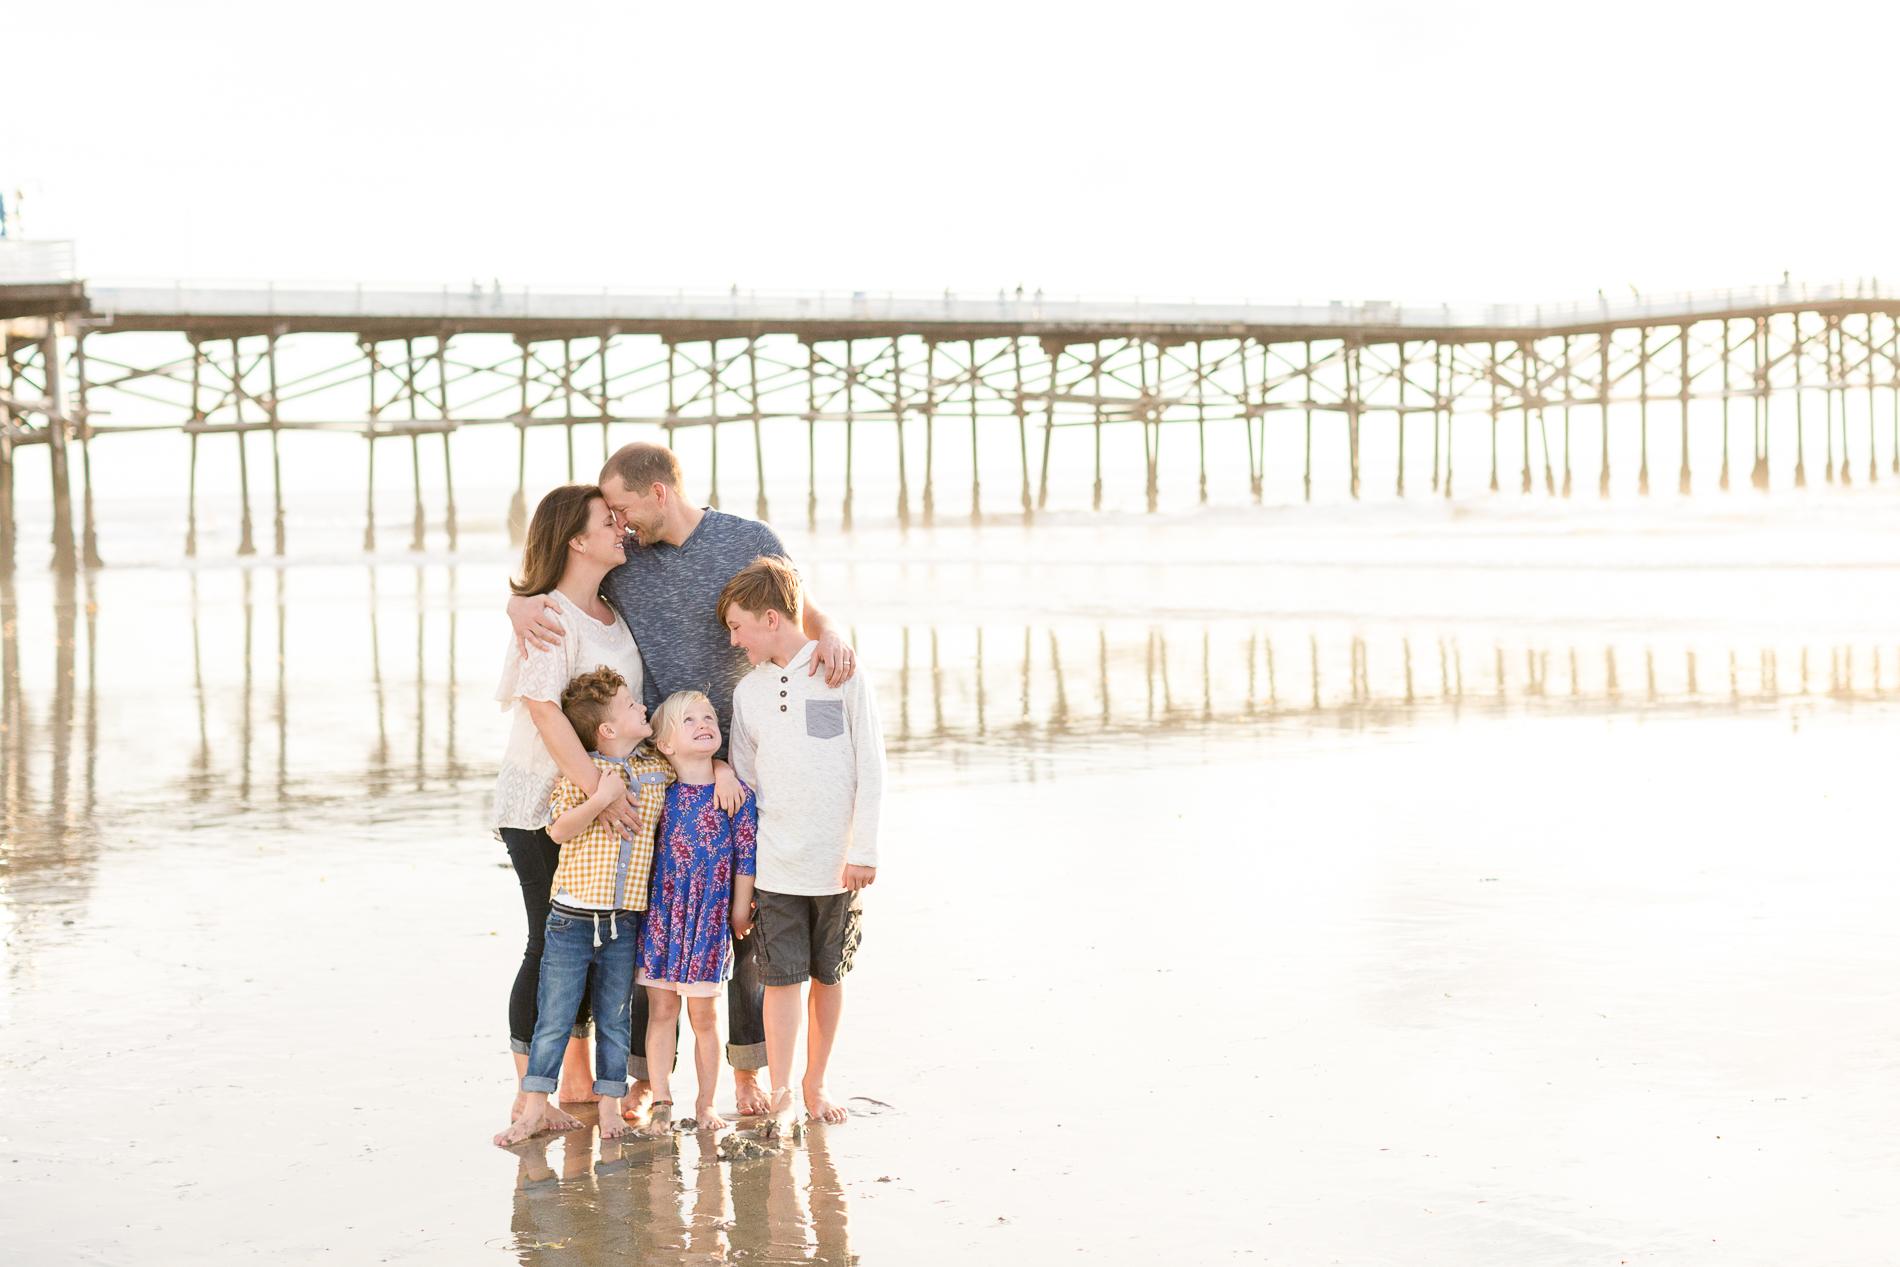 San Diego Family Photographer Beach Crystal Pier Christine Dammann Photography WS HF-10.jpg